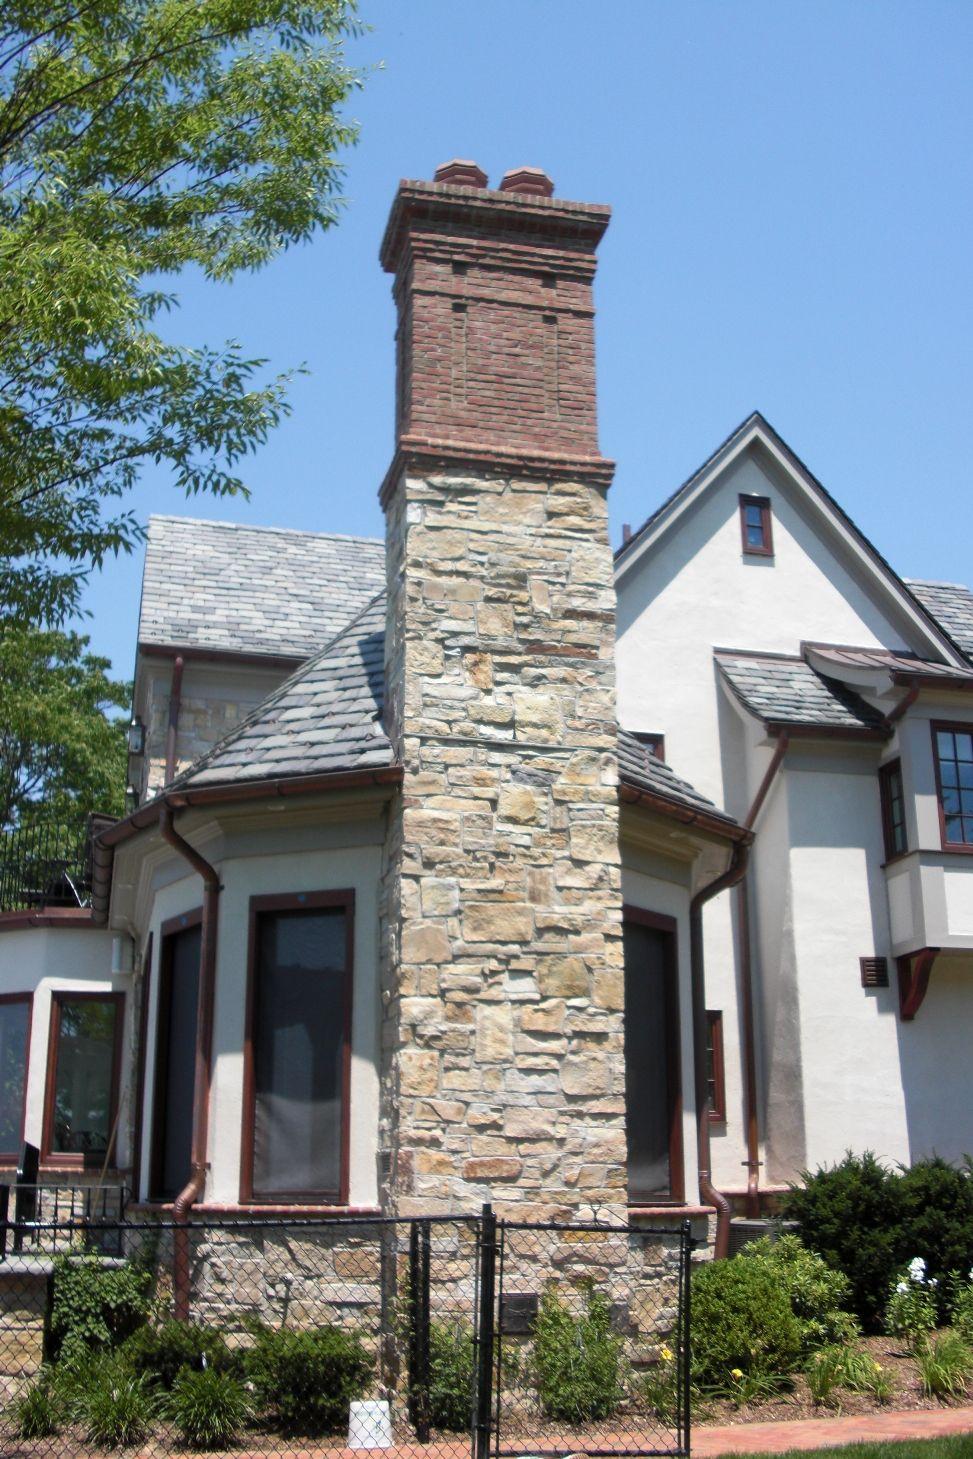 Stone Brick Chimney Installed By Tinogc Exterior Brick Veneer Chimney Design Exterior Brick